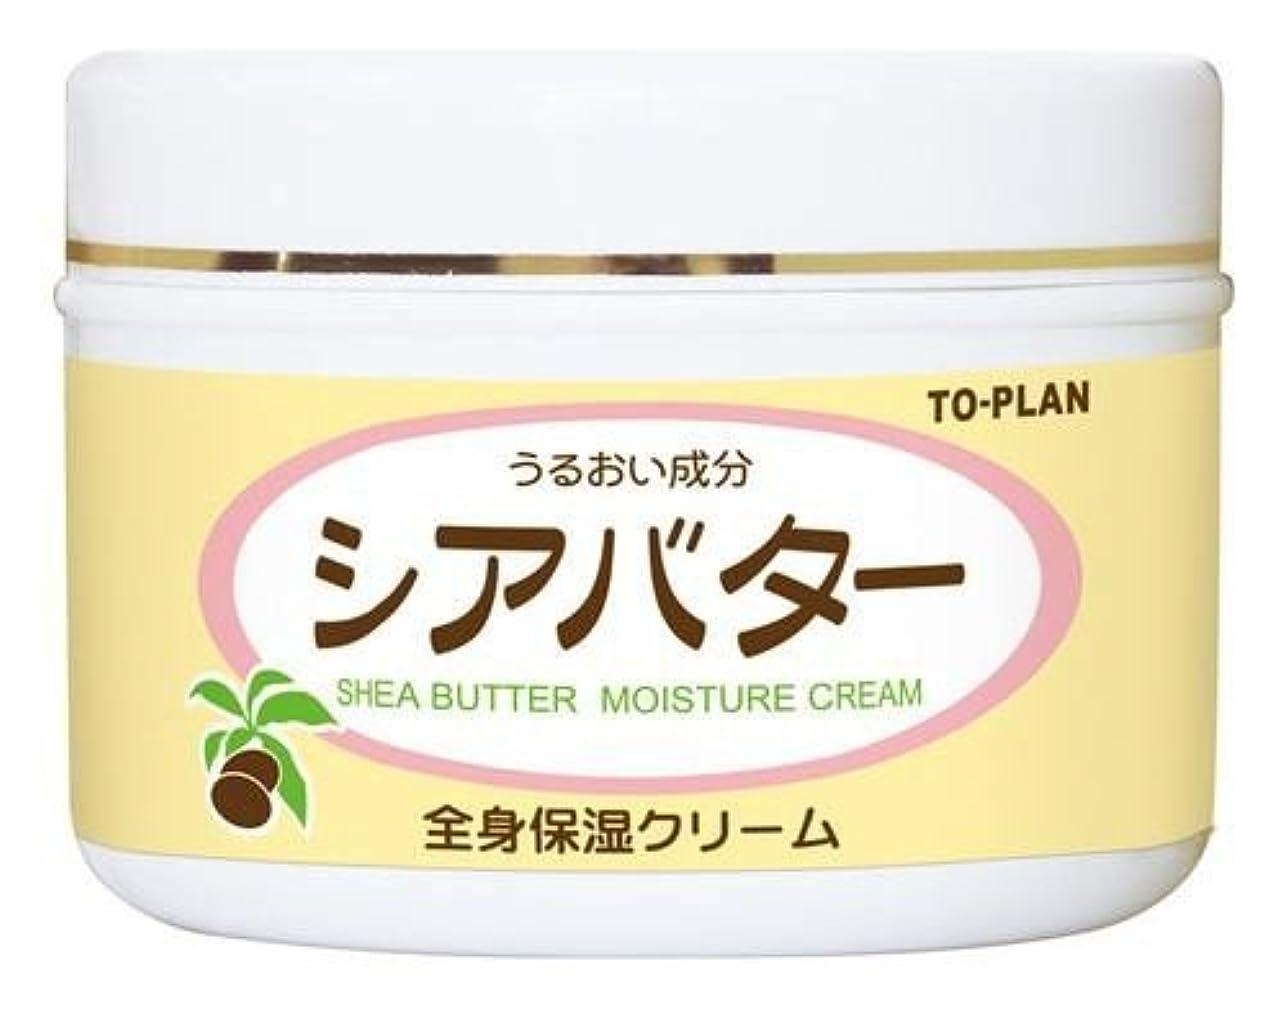 ムス続編霜TO-PLAN トプラン シアバター 全身保湿クリーム 170g 5個セット